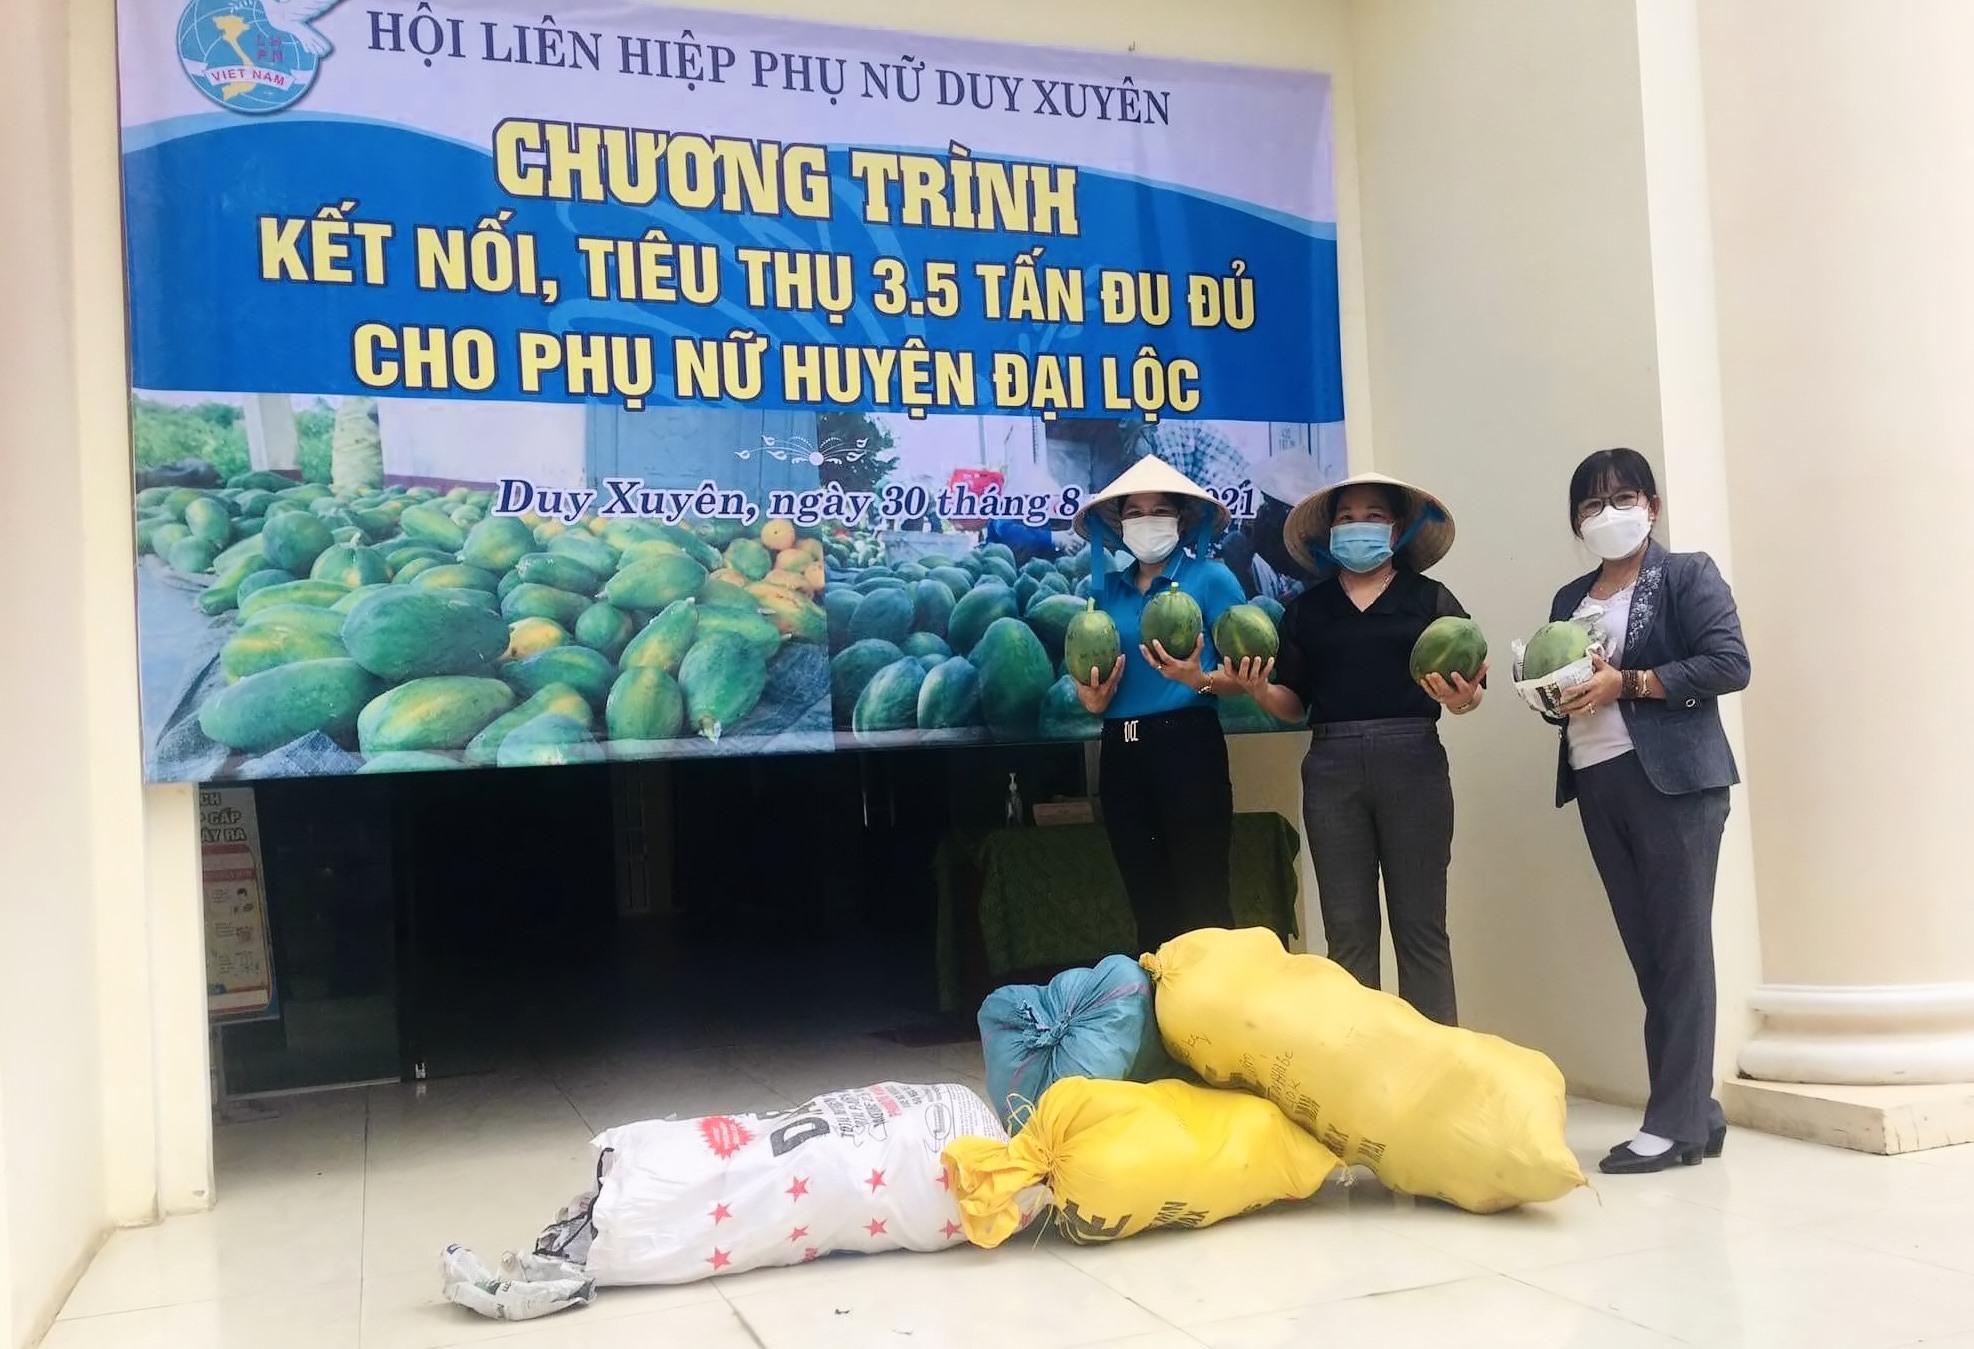 Hội LHPN Duy Xuyên tiếp nhận và hỗ trợ tiêu thụ 3,5 tấn đu đủ cho hội viên phụ nữ Đại Lộc.   Ảnh: T.P